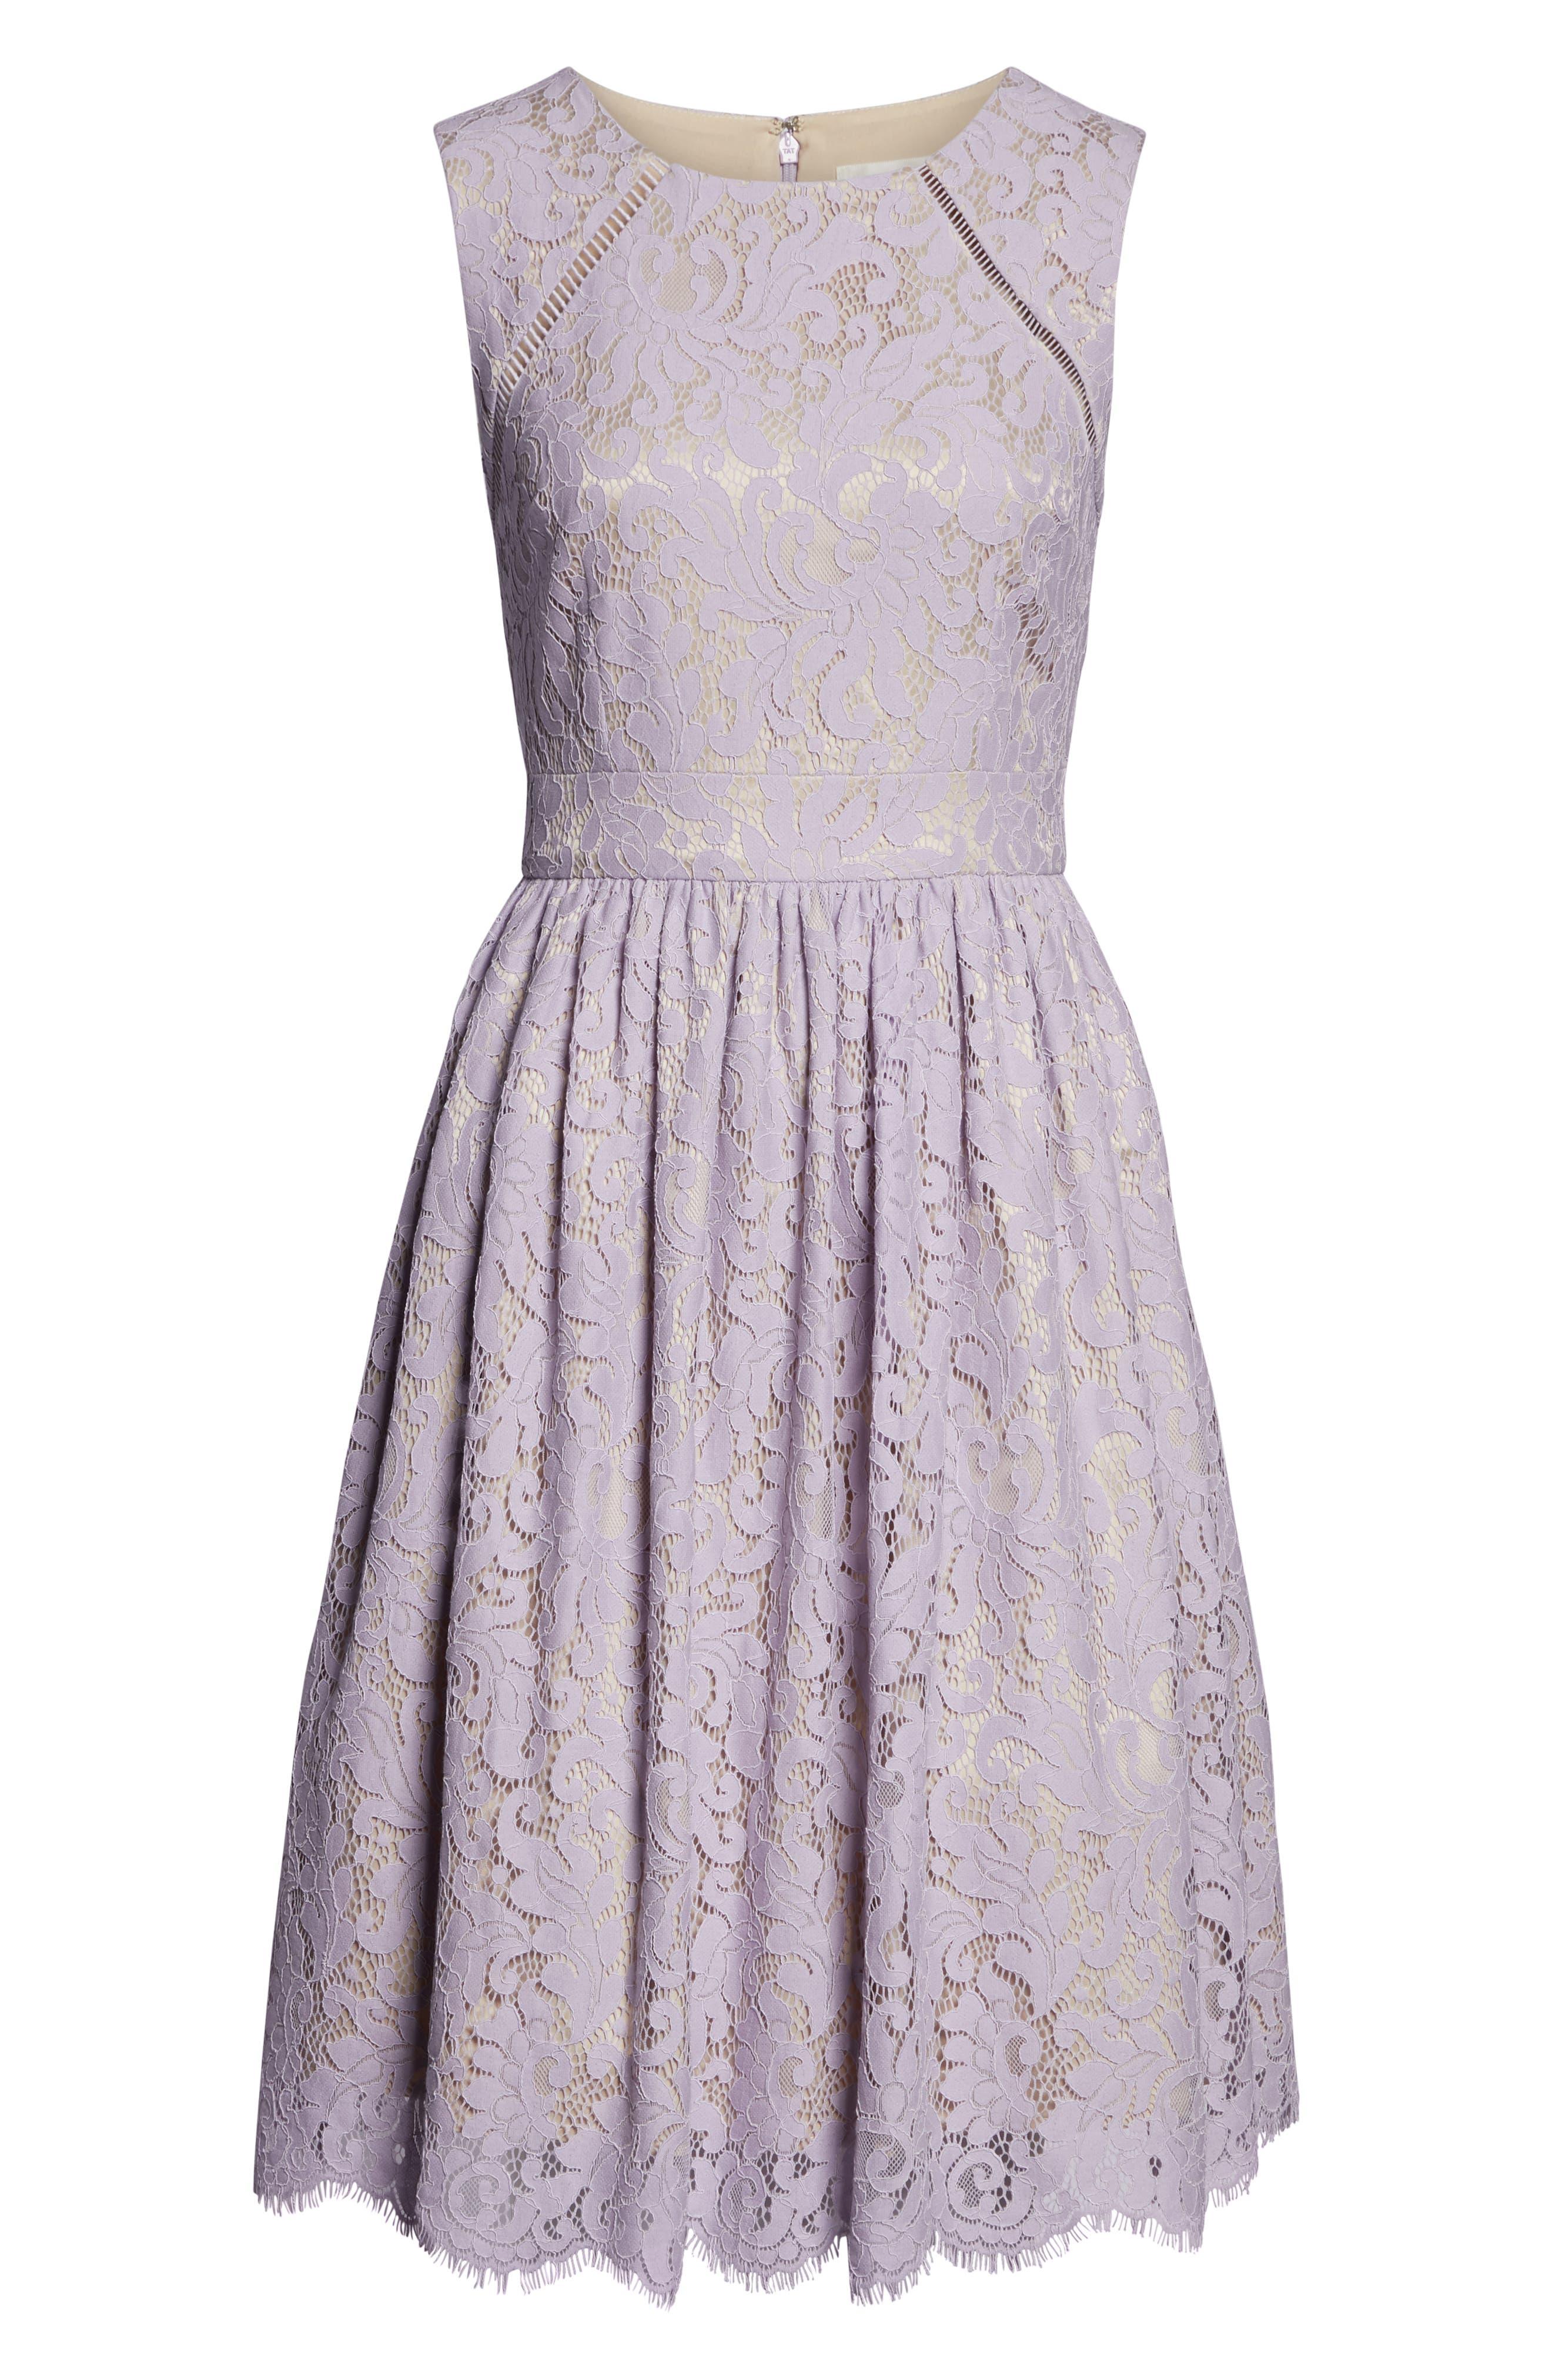 ELIZA J,                             Lace Fit & Flare Dress,                             Alternate thumbnail 7, color,                             LAVENDER